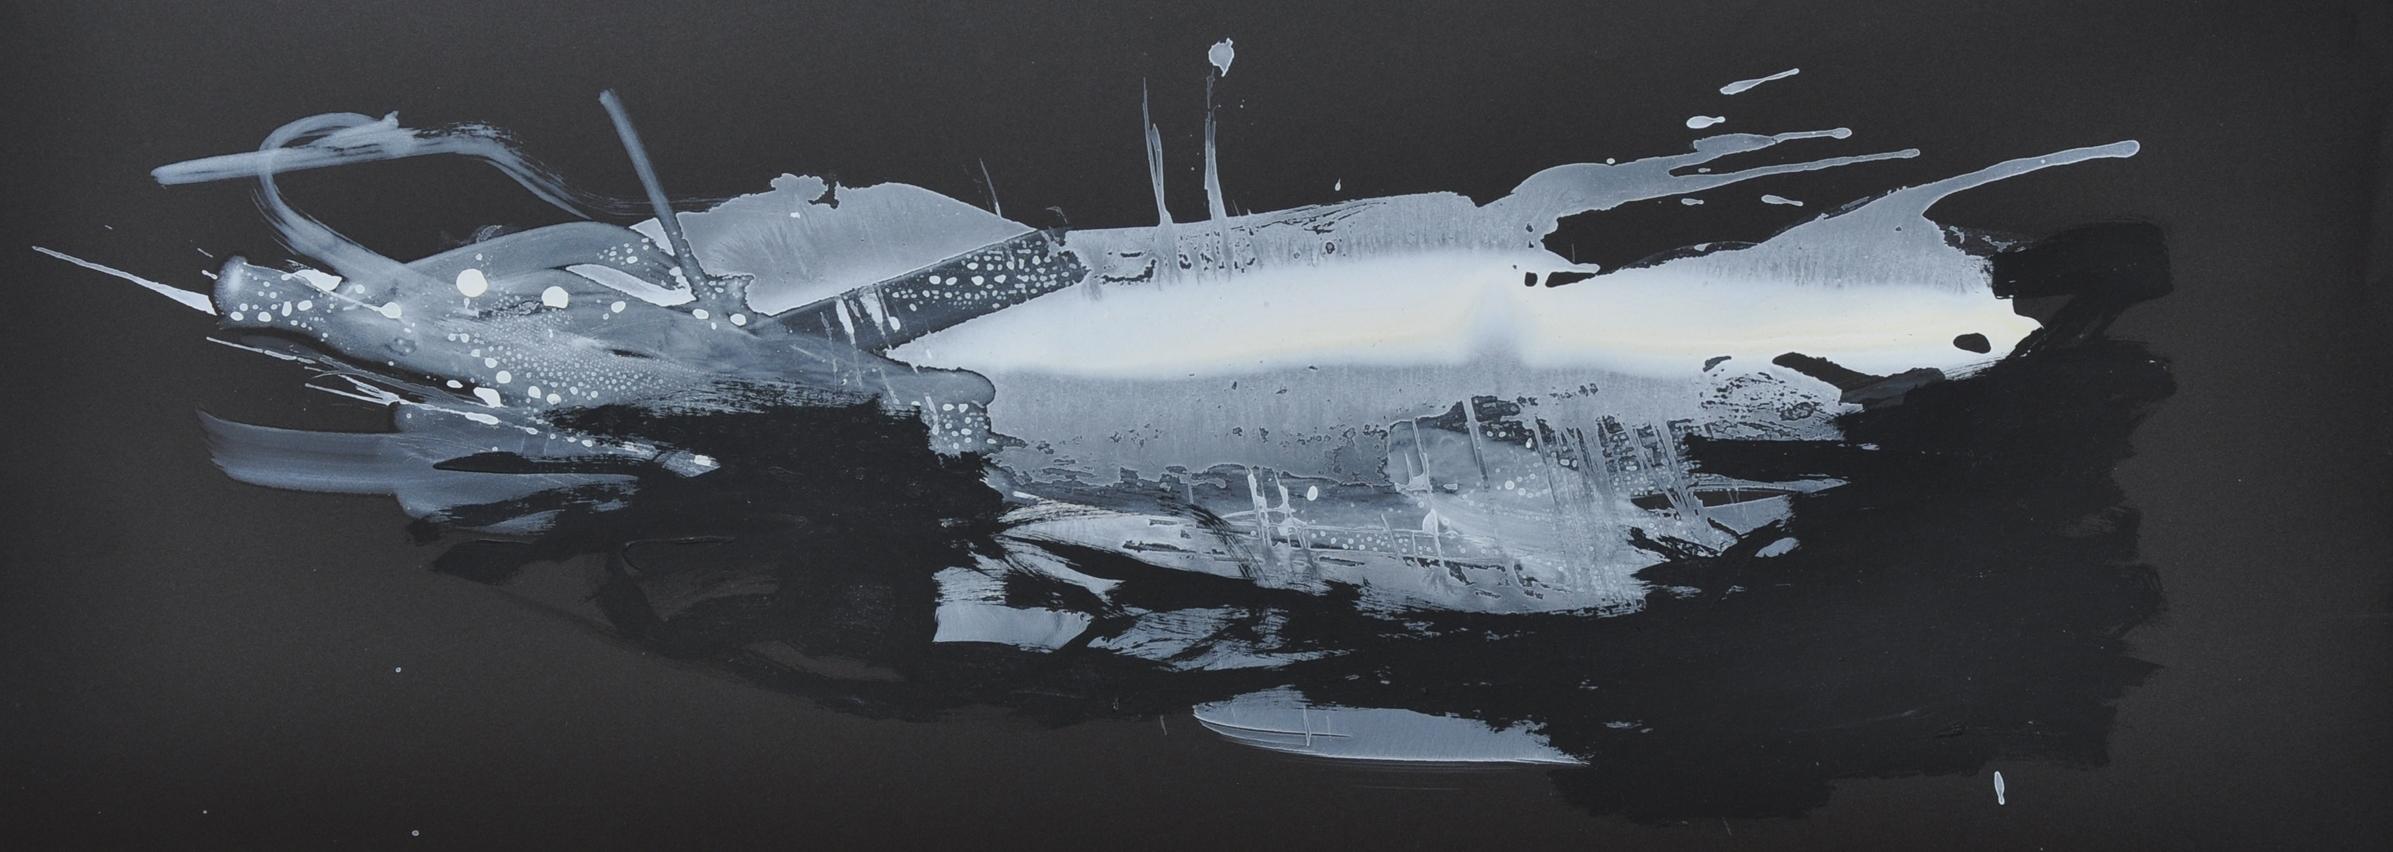 من أعمال يوسف تيتو المشاركة في المعرض